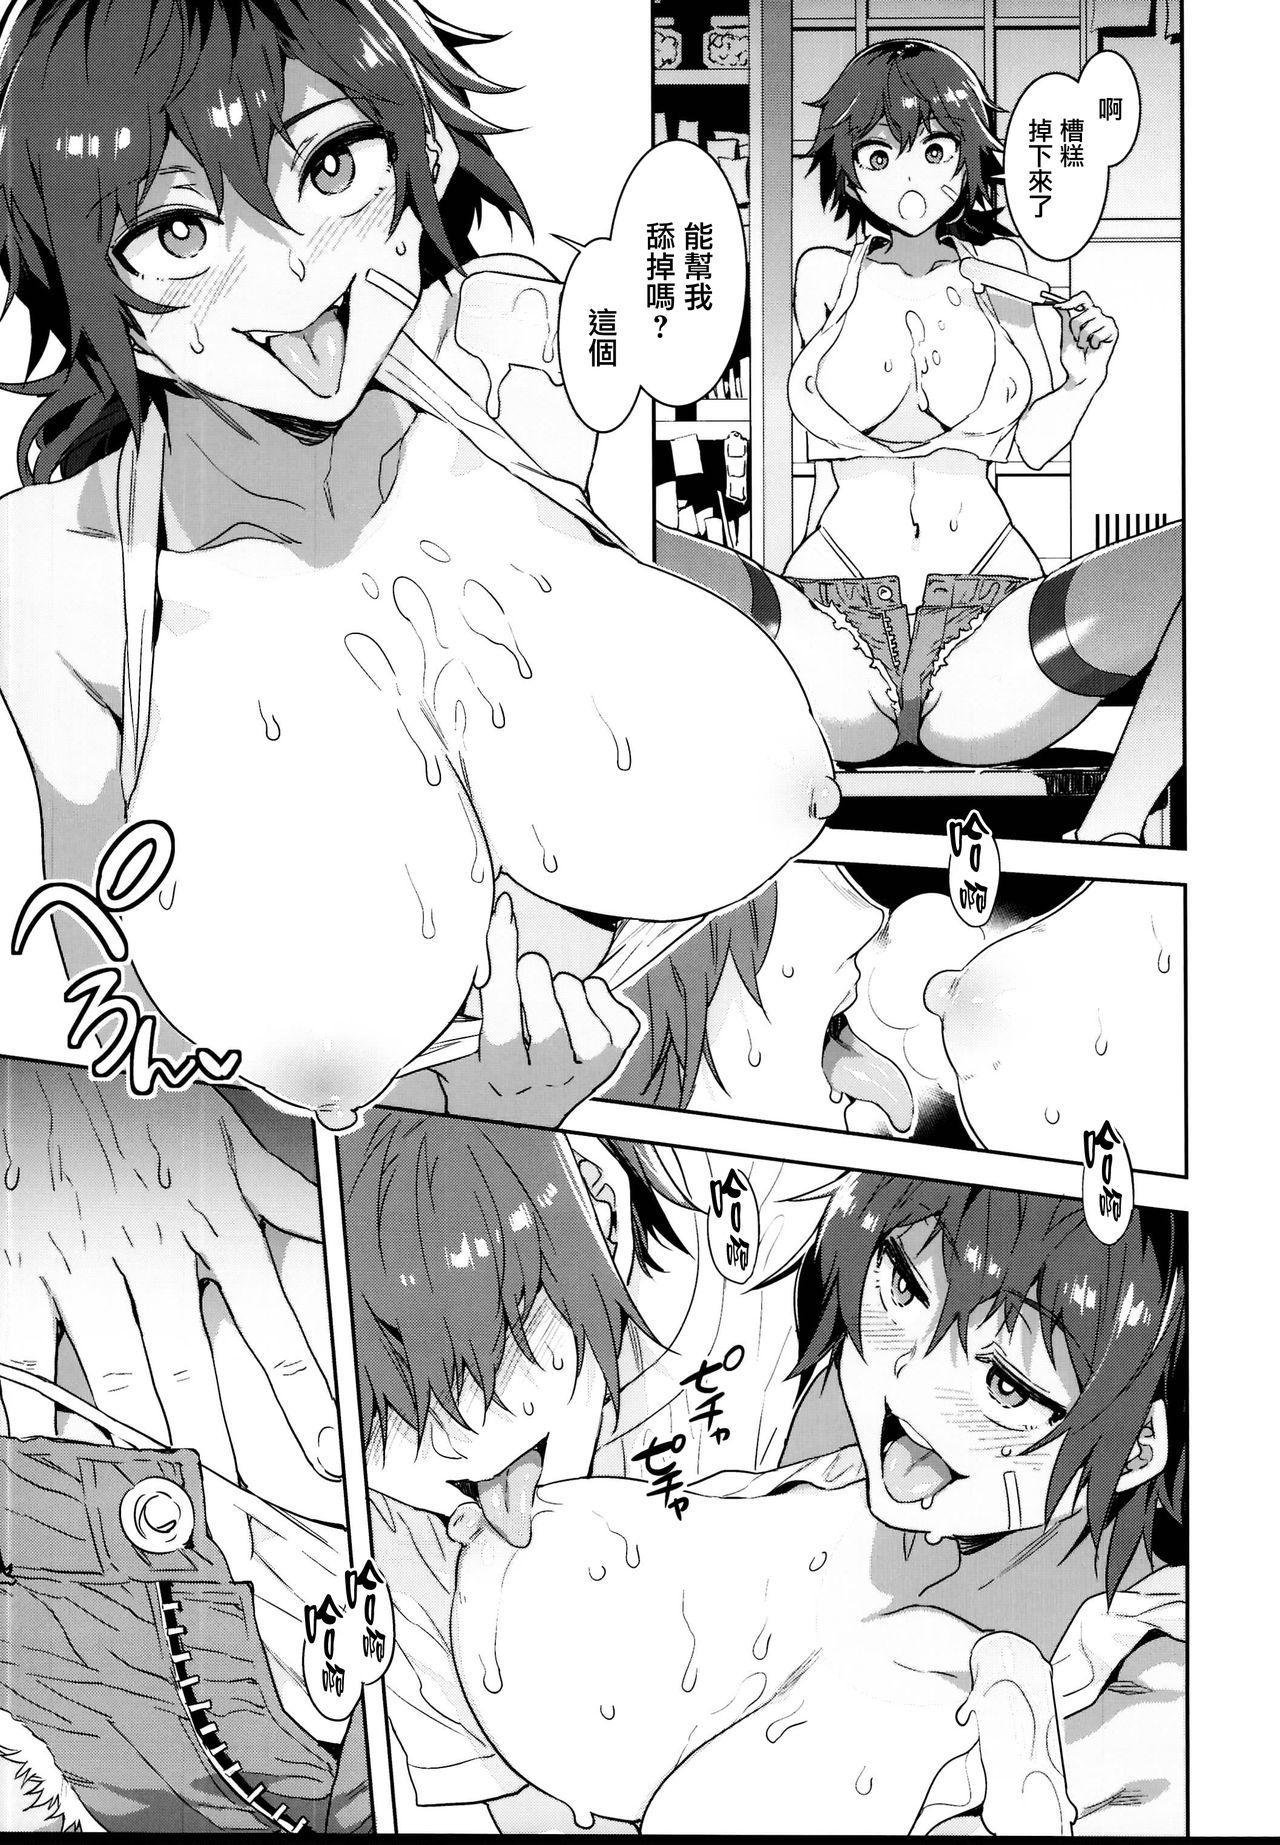 Teisou Kannen Zero no Onna Tomodachi 10